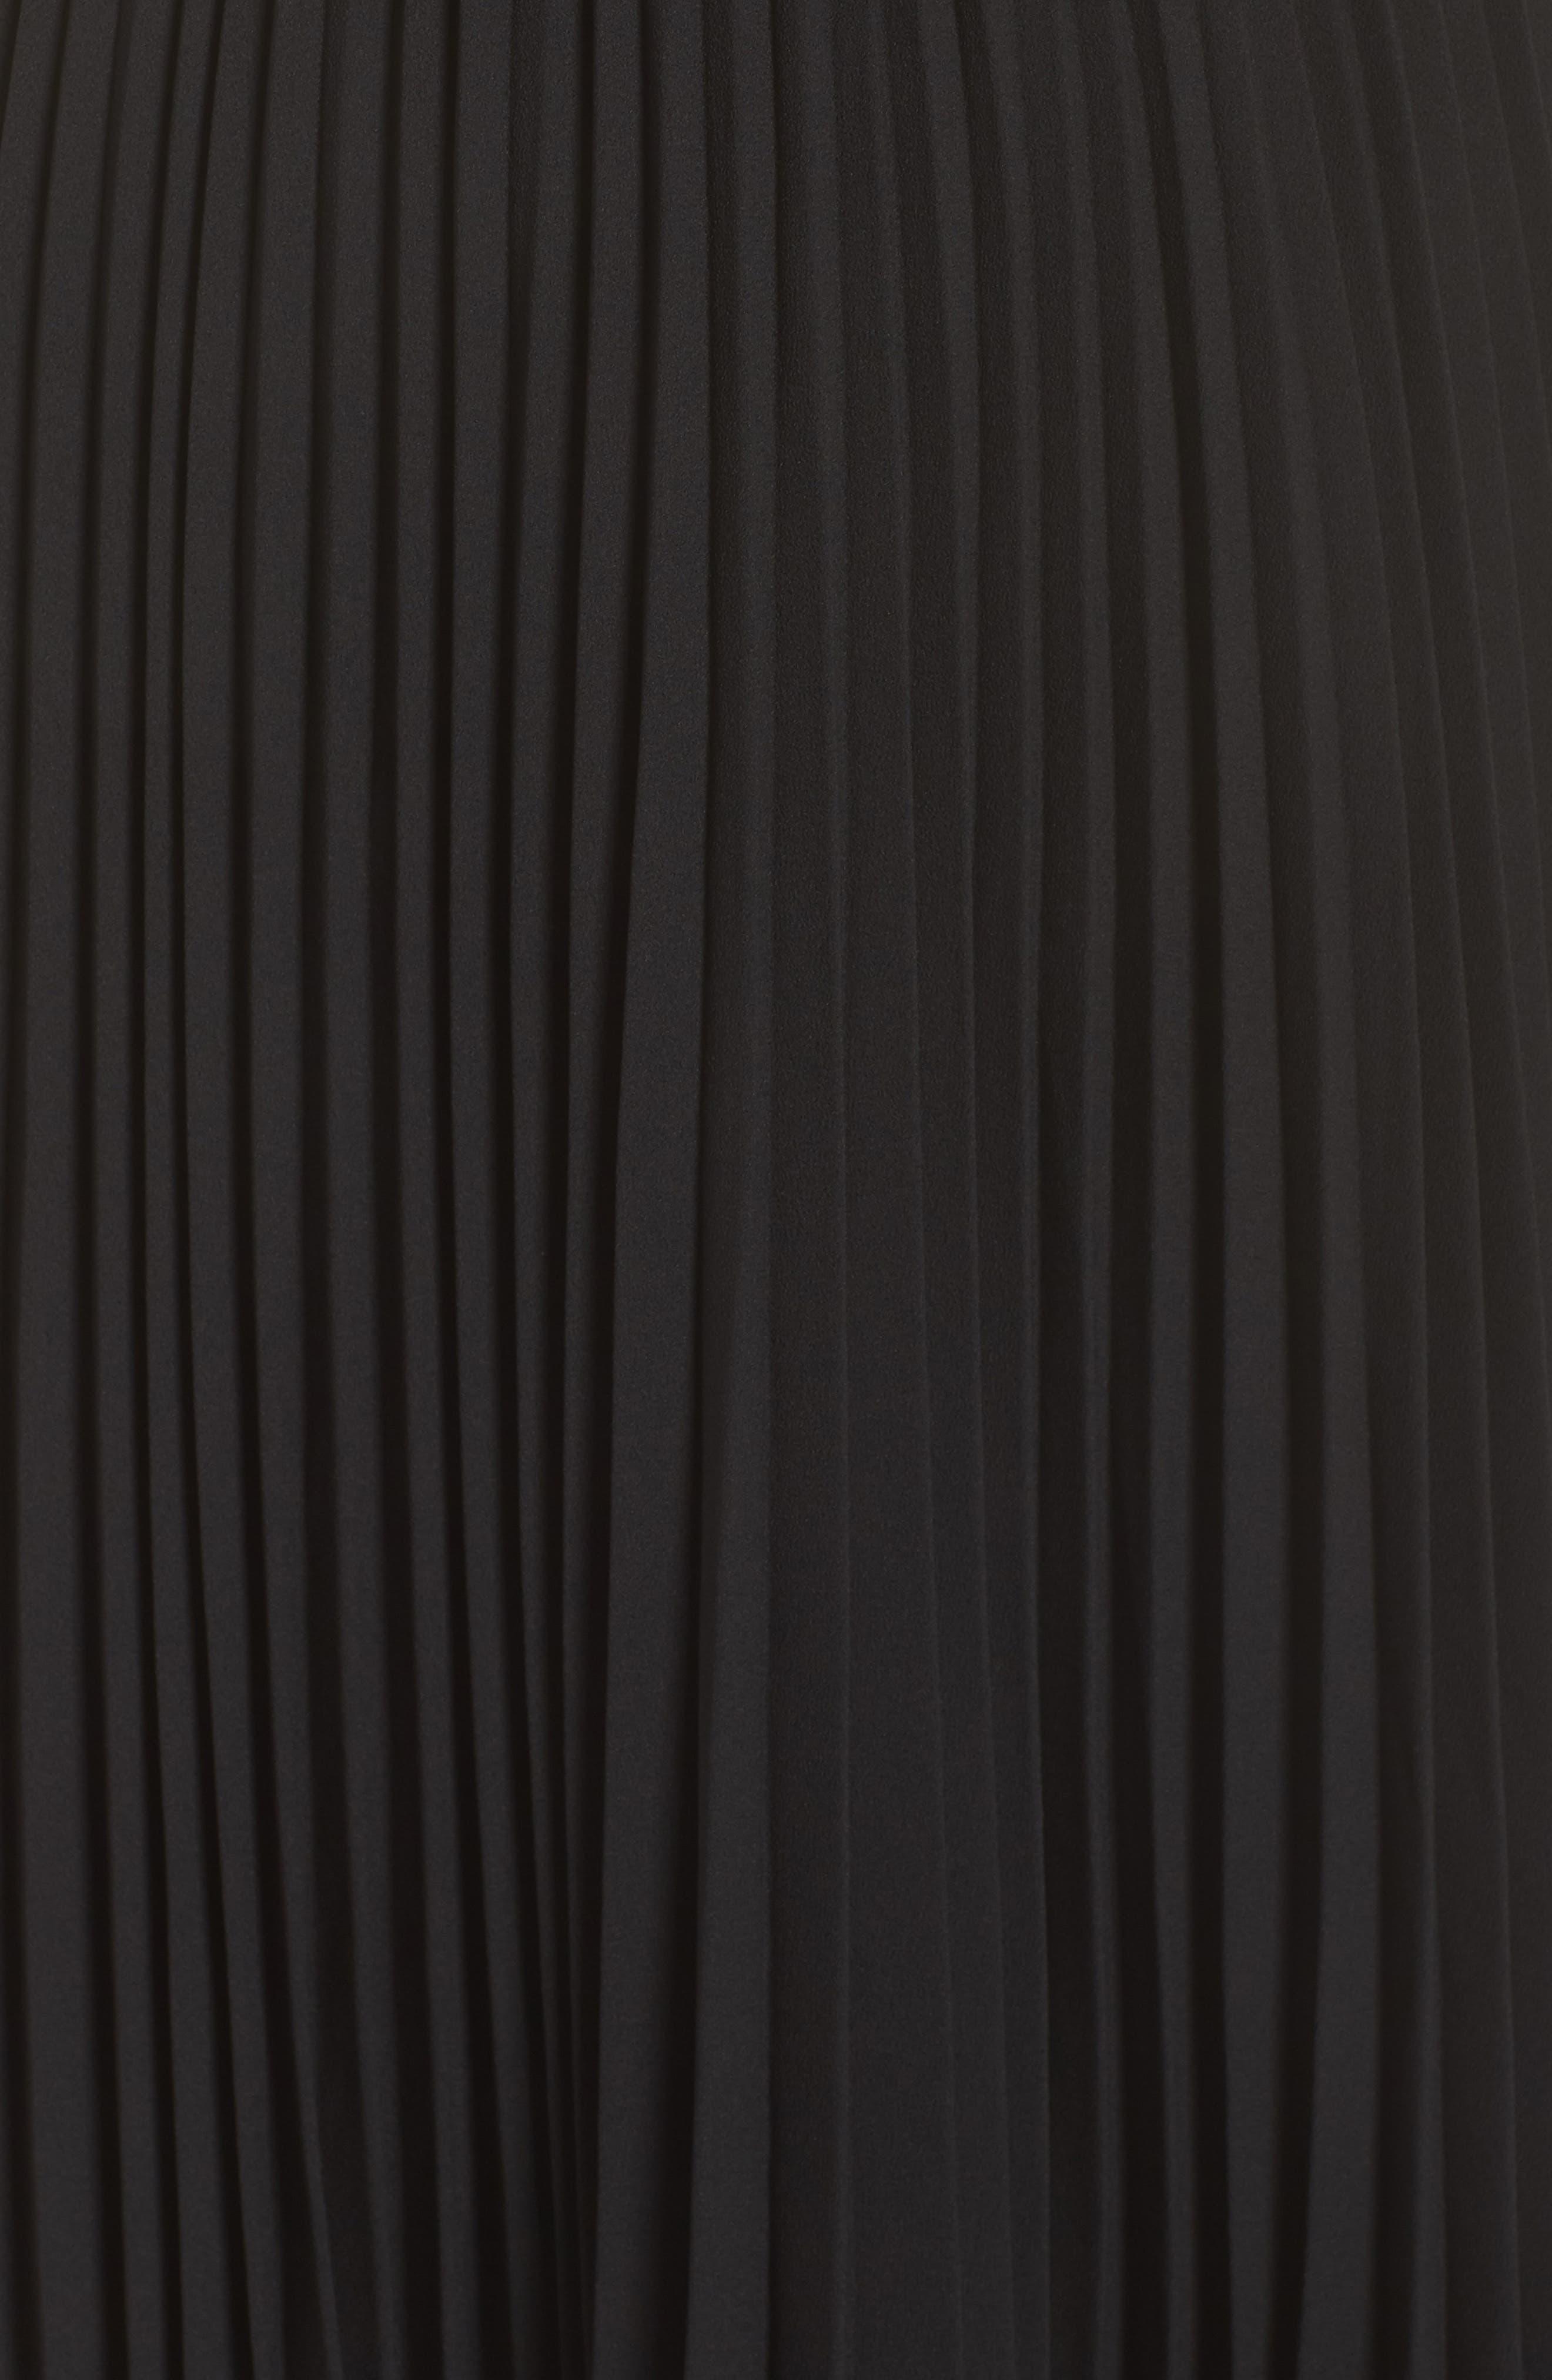 Lily Pond Faux Wrap Dress,                             Alternate thumbnail 5, color,                             001